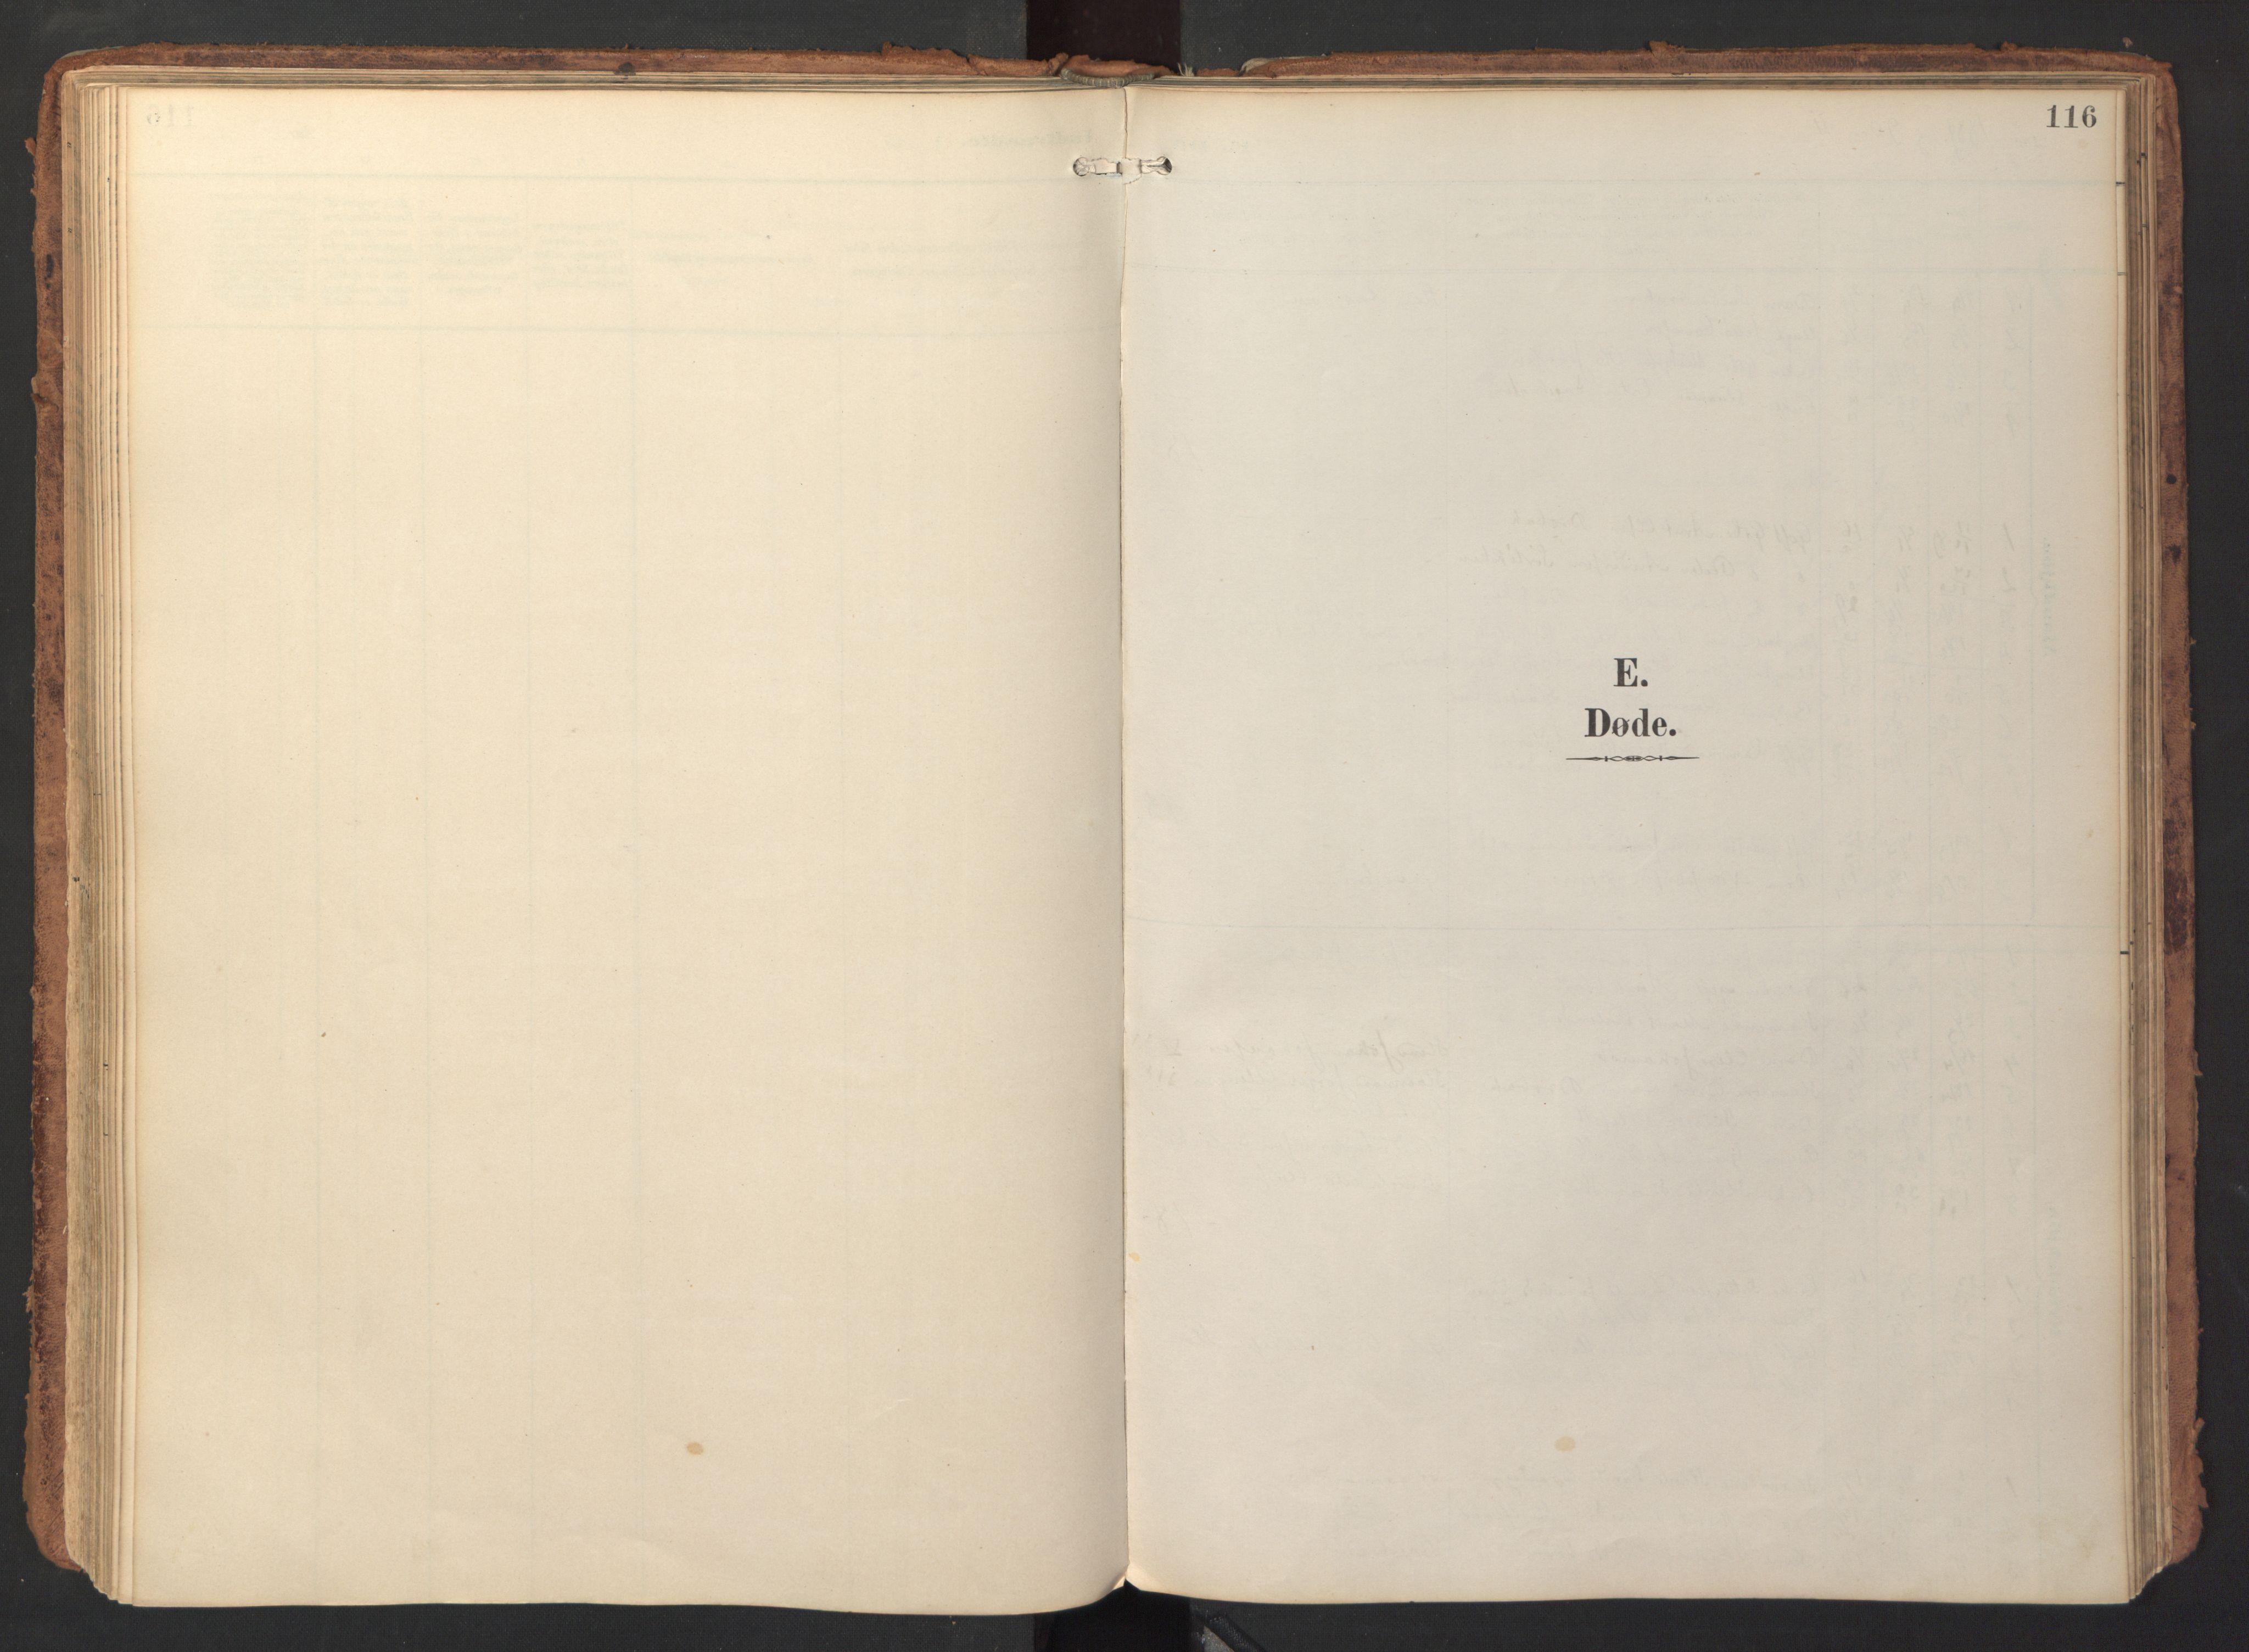 SAT, Ministerialprotokoller, klokkerbøker og fødselsregistre - Sør-Trøndelag, 690/L1050: Ministerialbok nr. 690A01, 1889-1929, s. 116